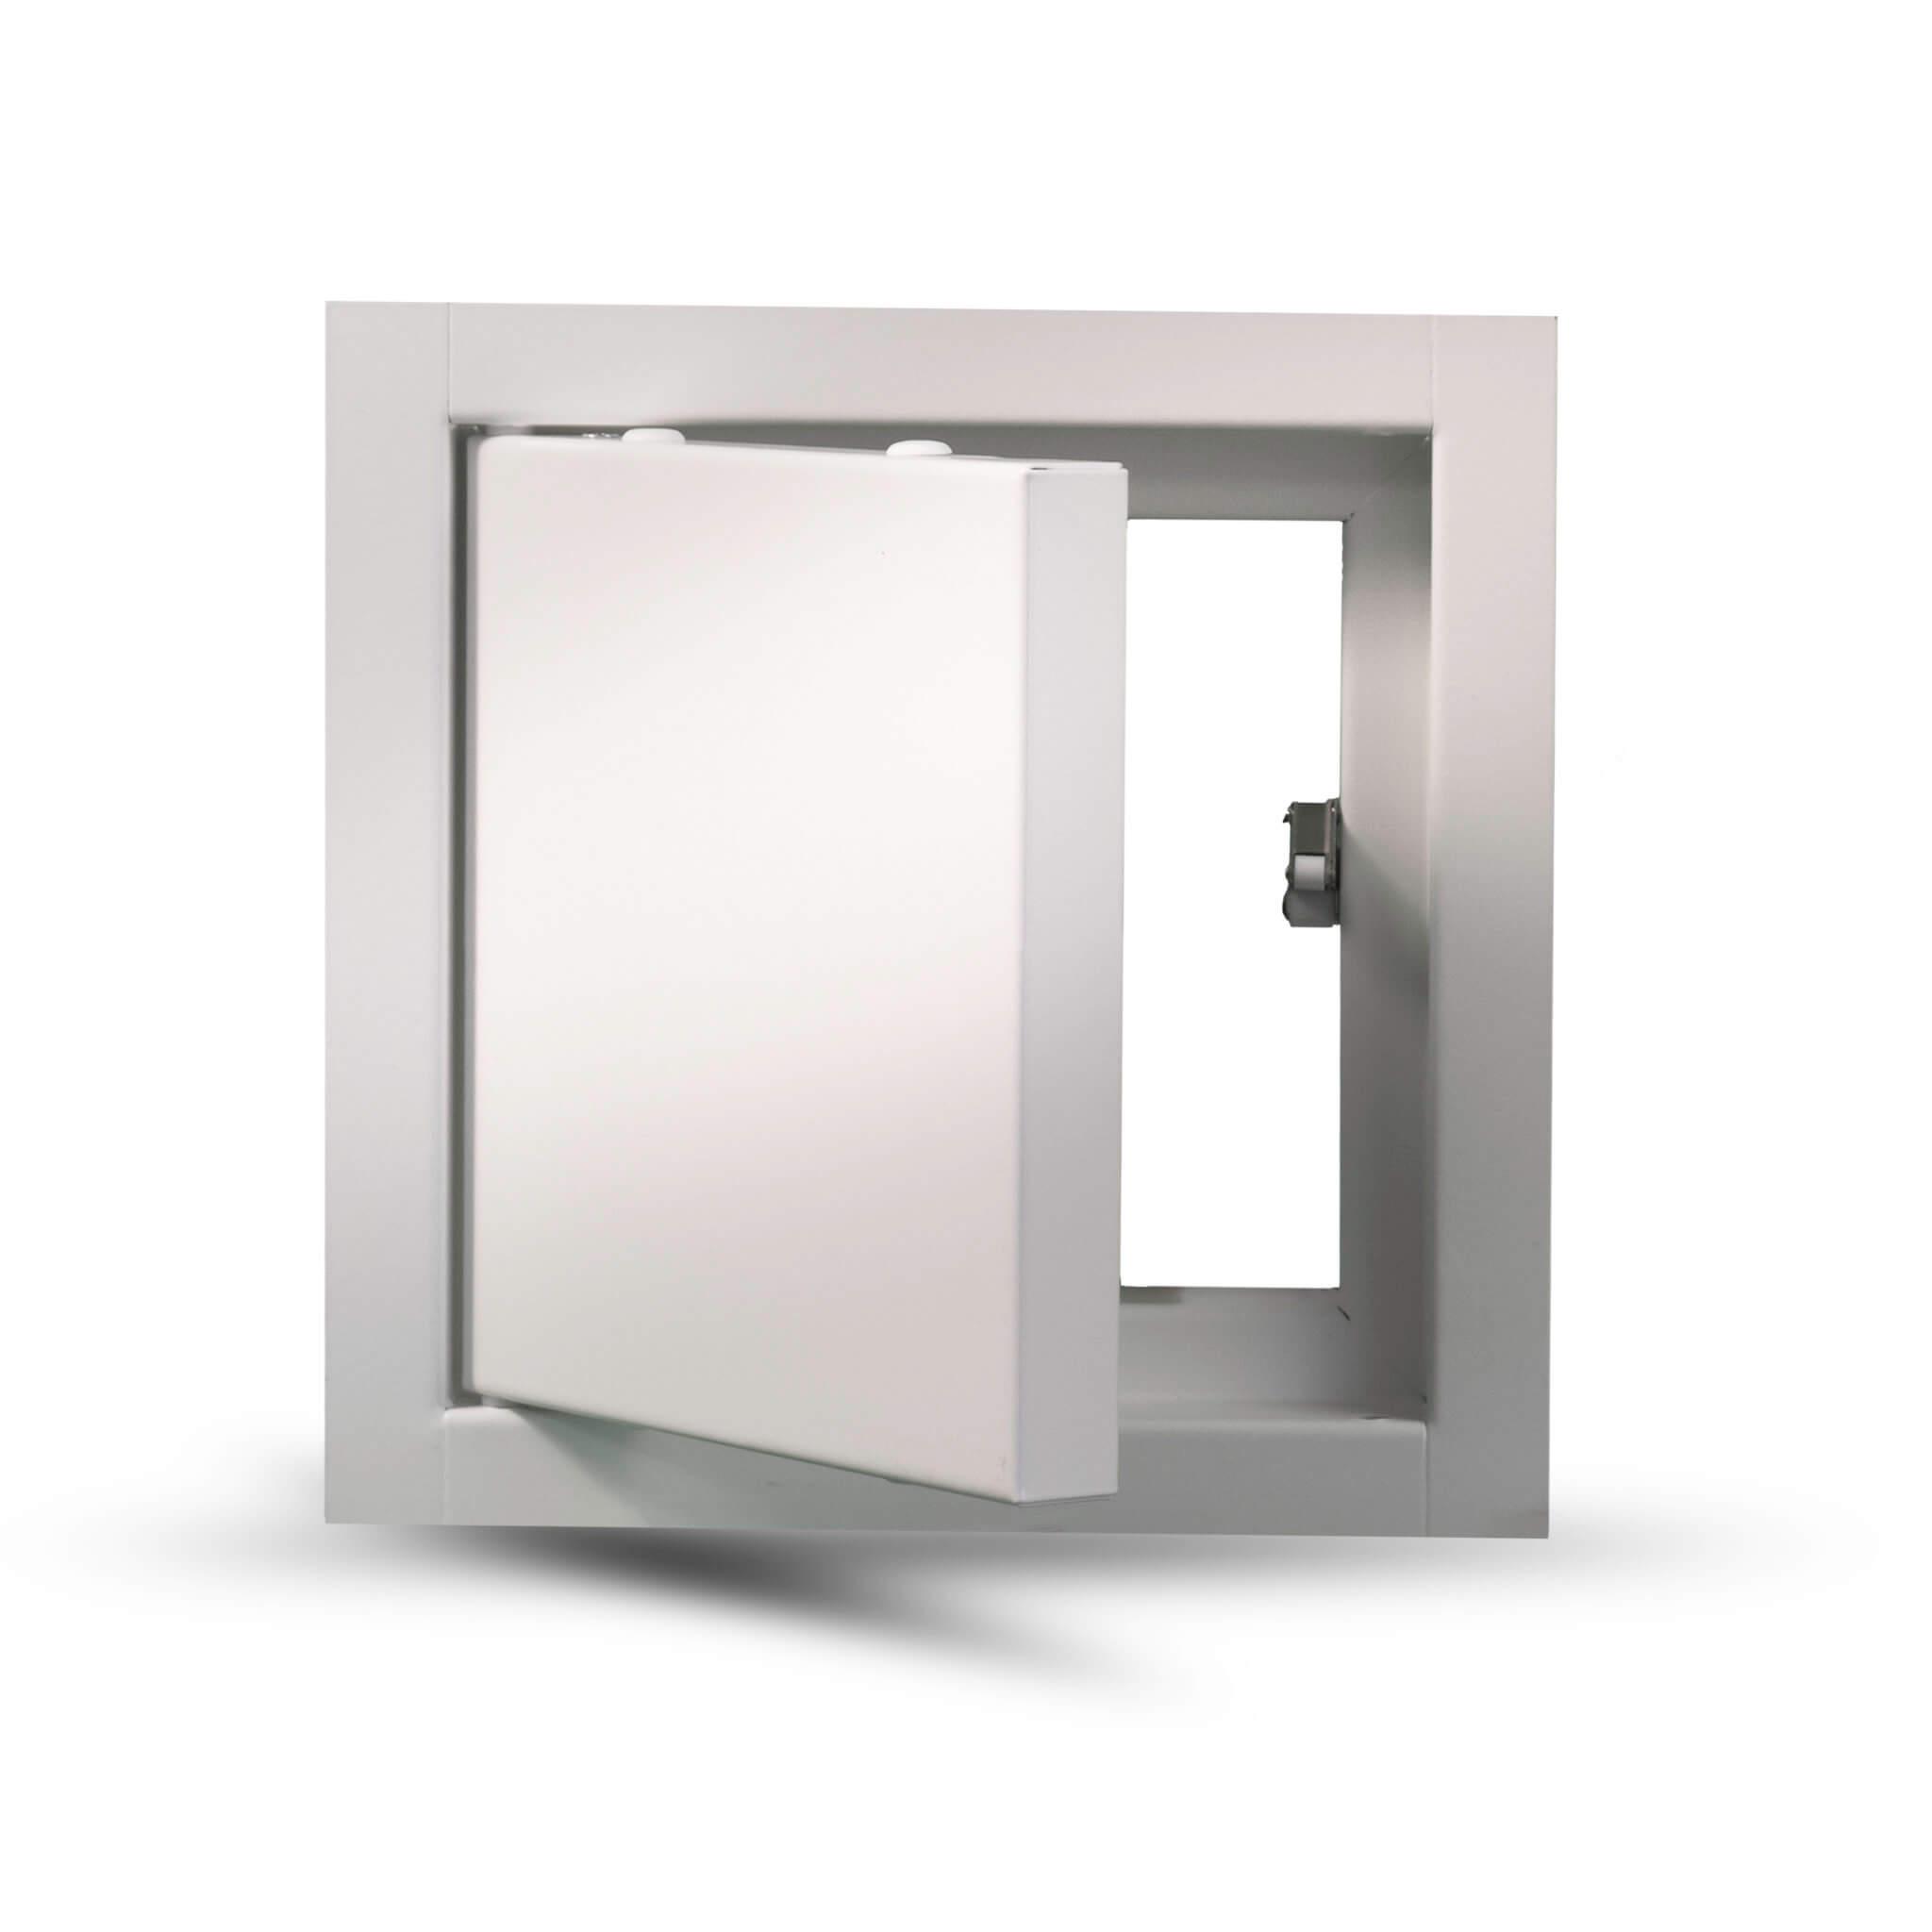 150 X 150 Mm Premium Range Metal Door Picture Frame Touch Catch